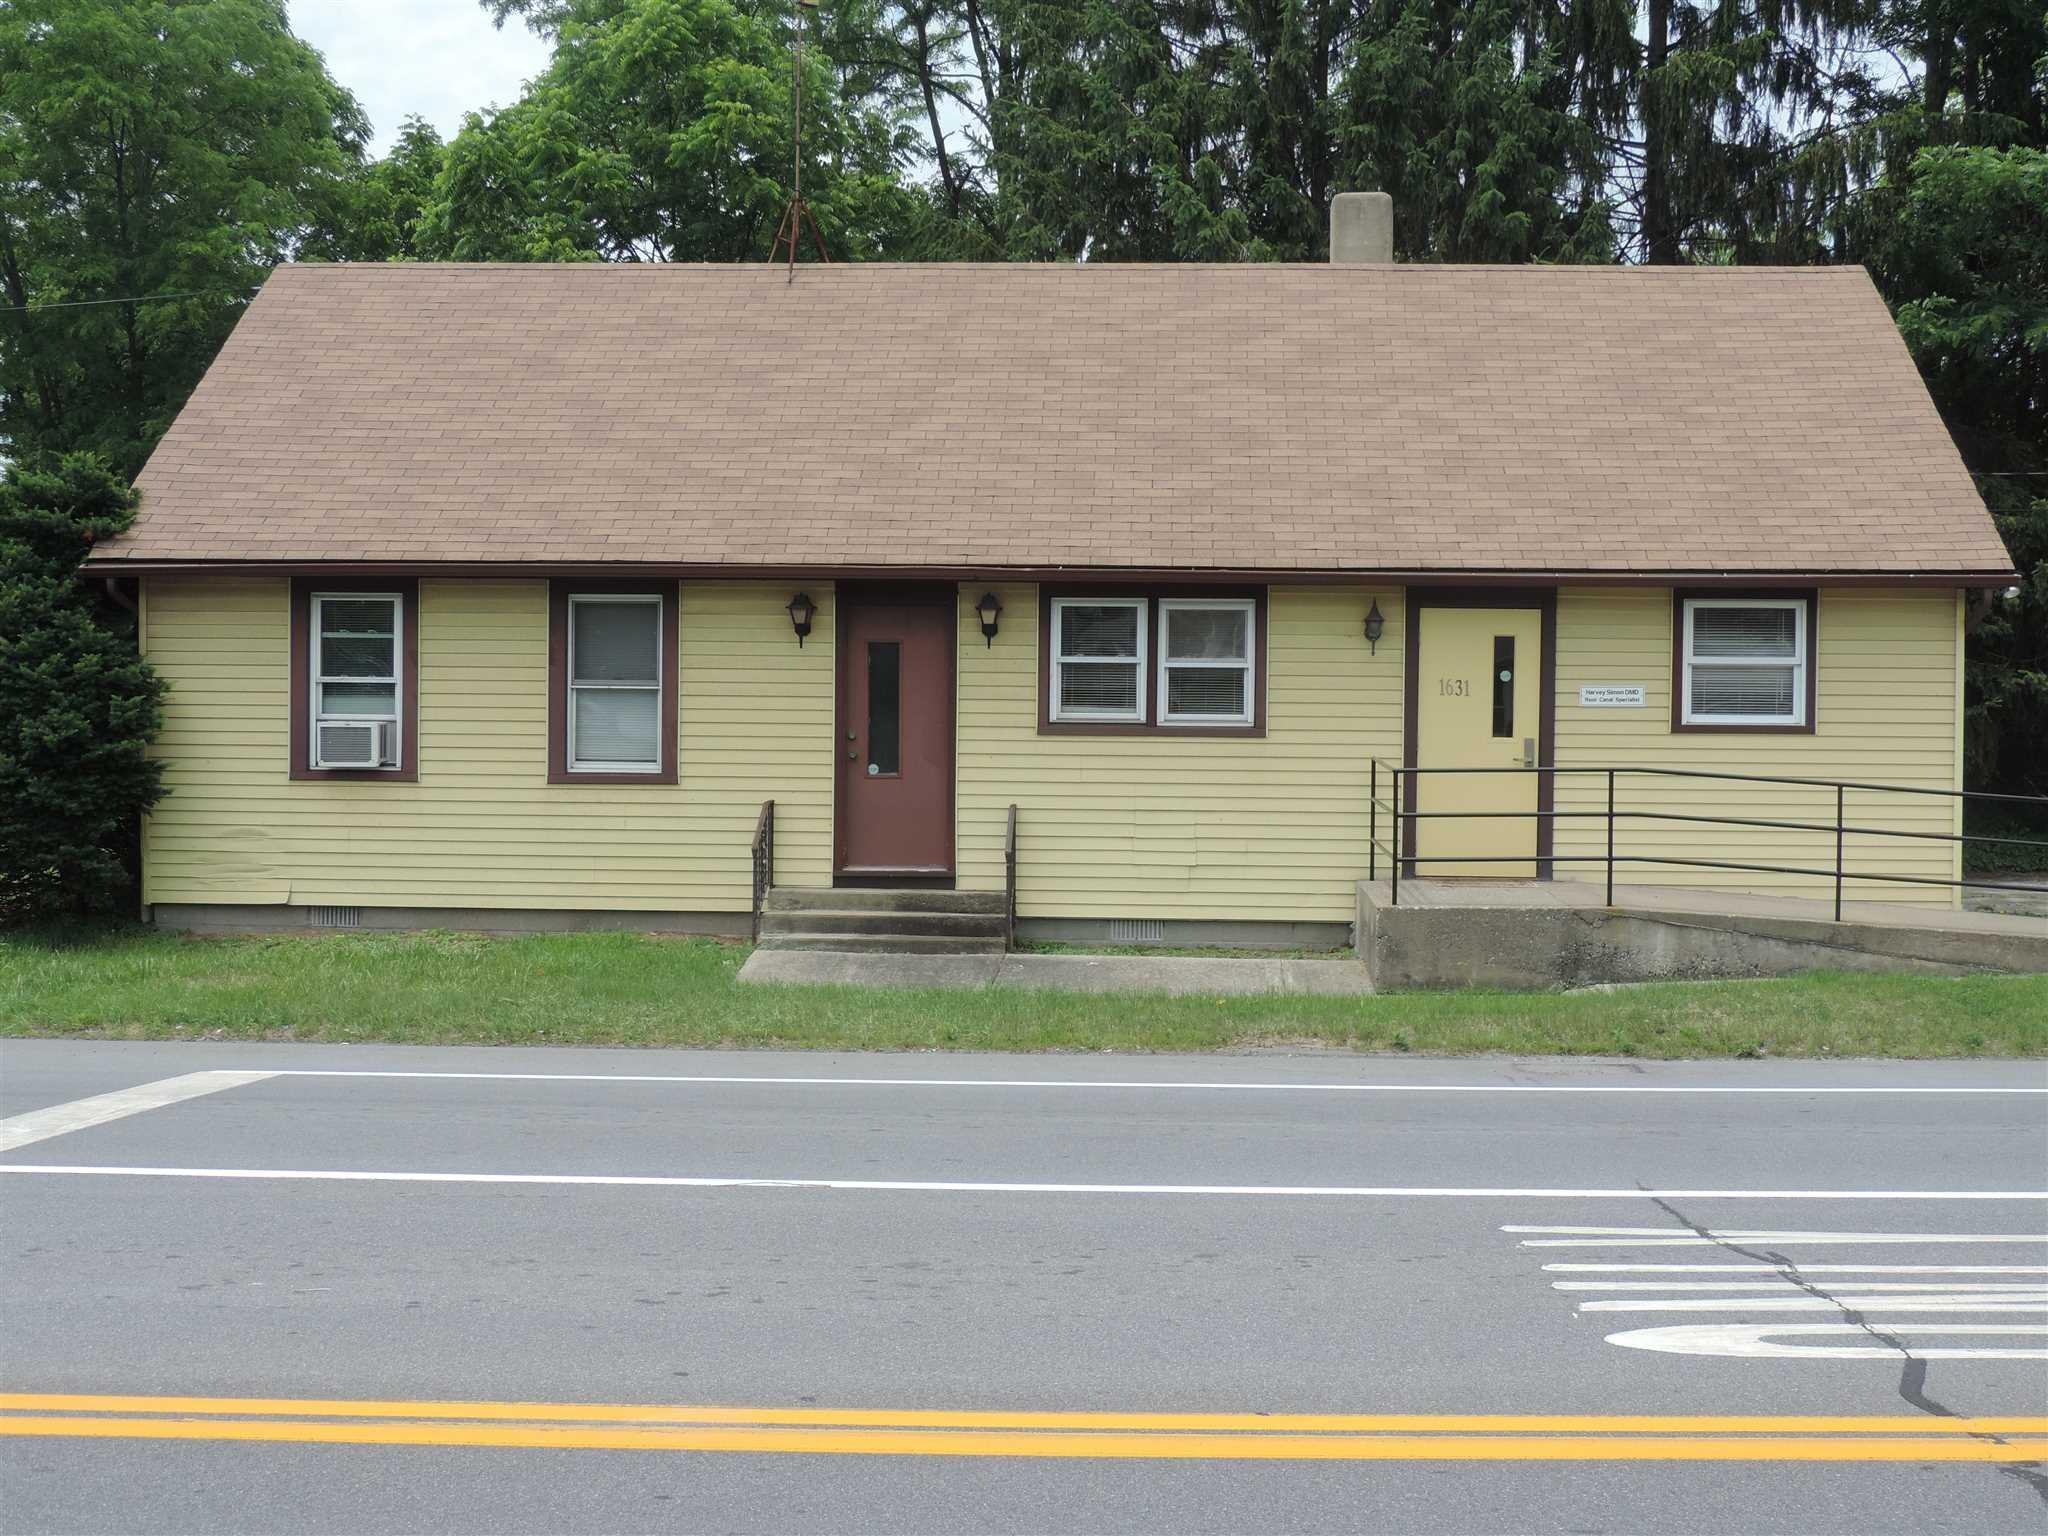 1631 ROUTE 82, La Grange, NY 12540